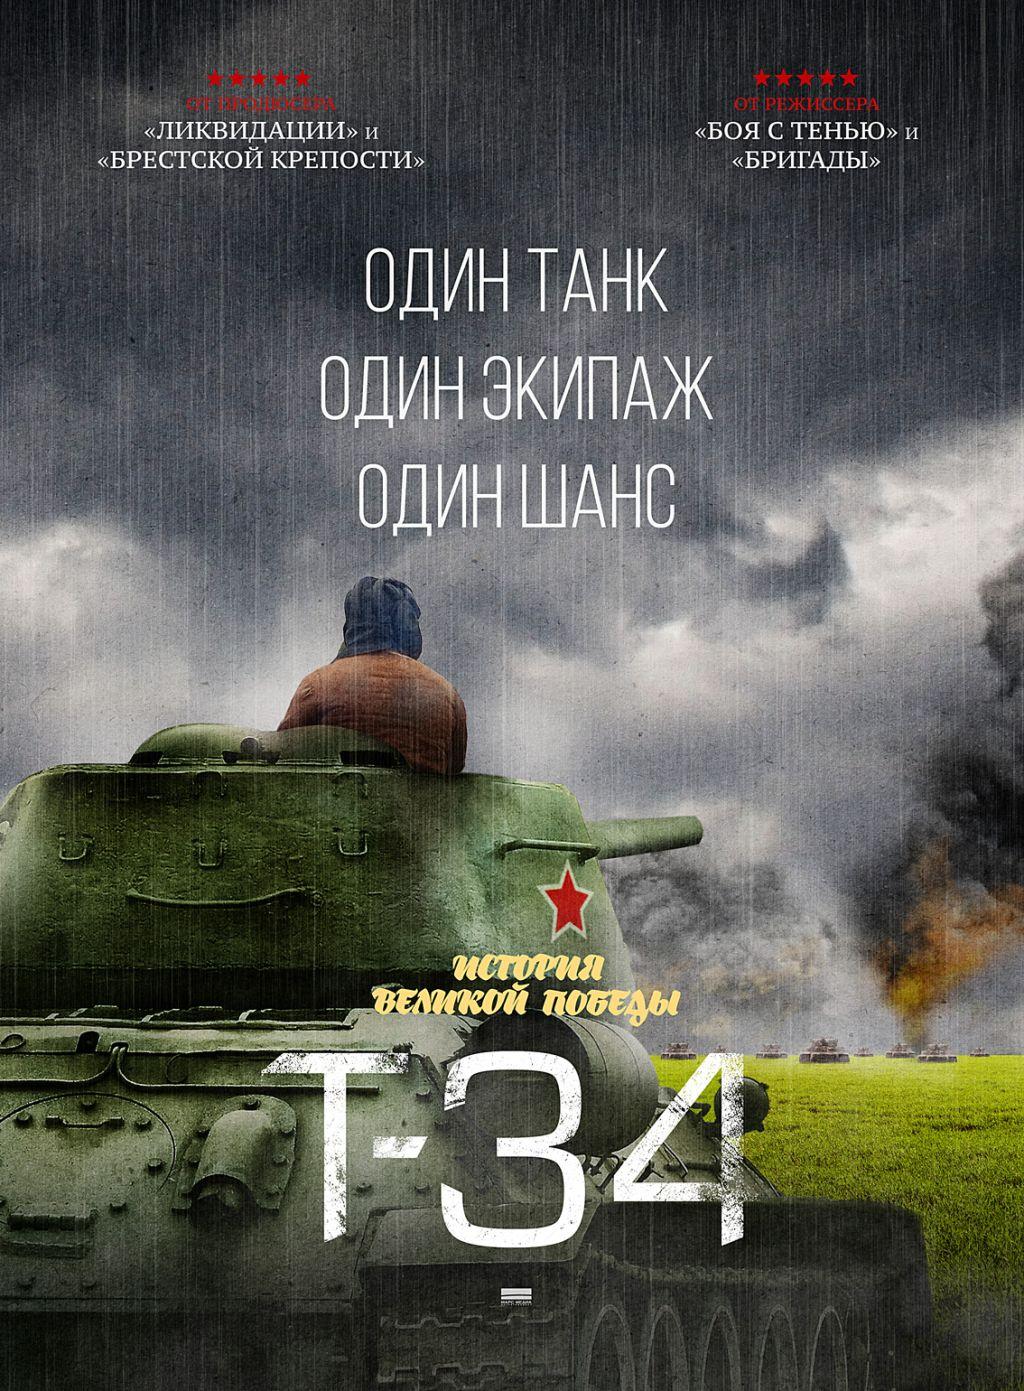 Стартовали съемки исторического экшена «Т-34» Алексея Сидорова